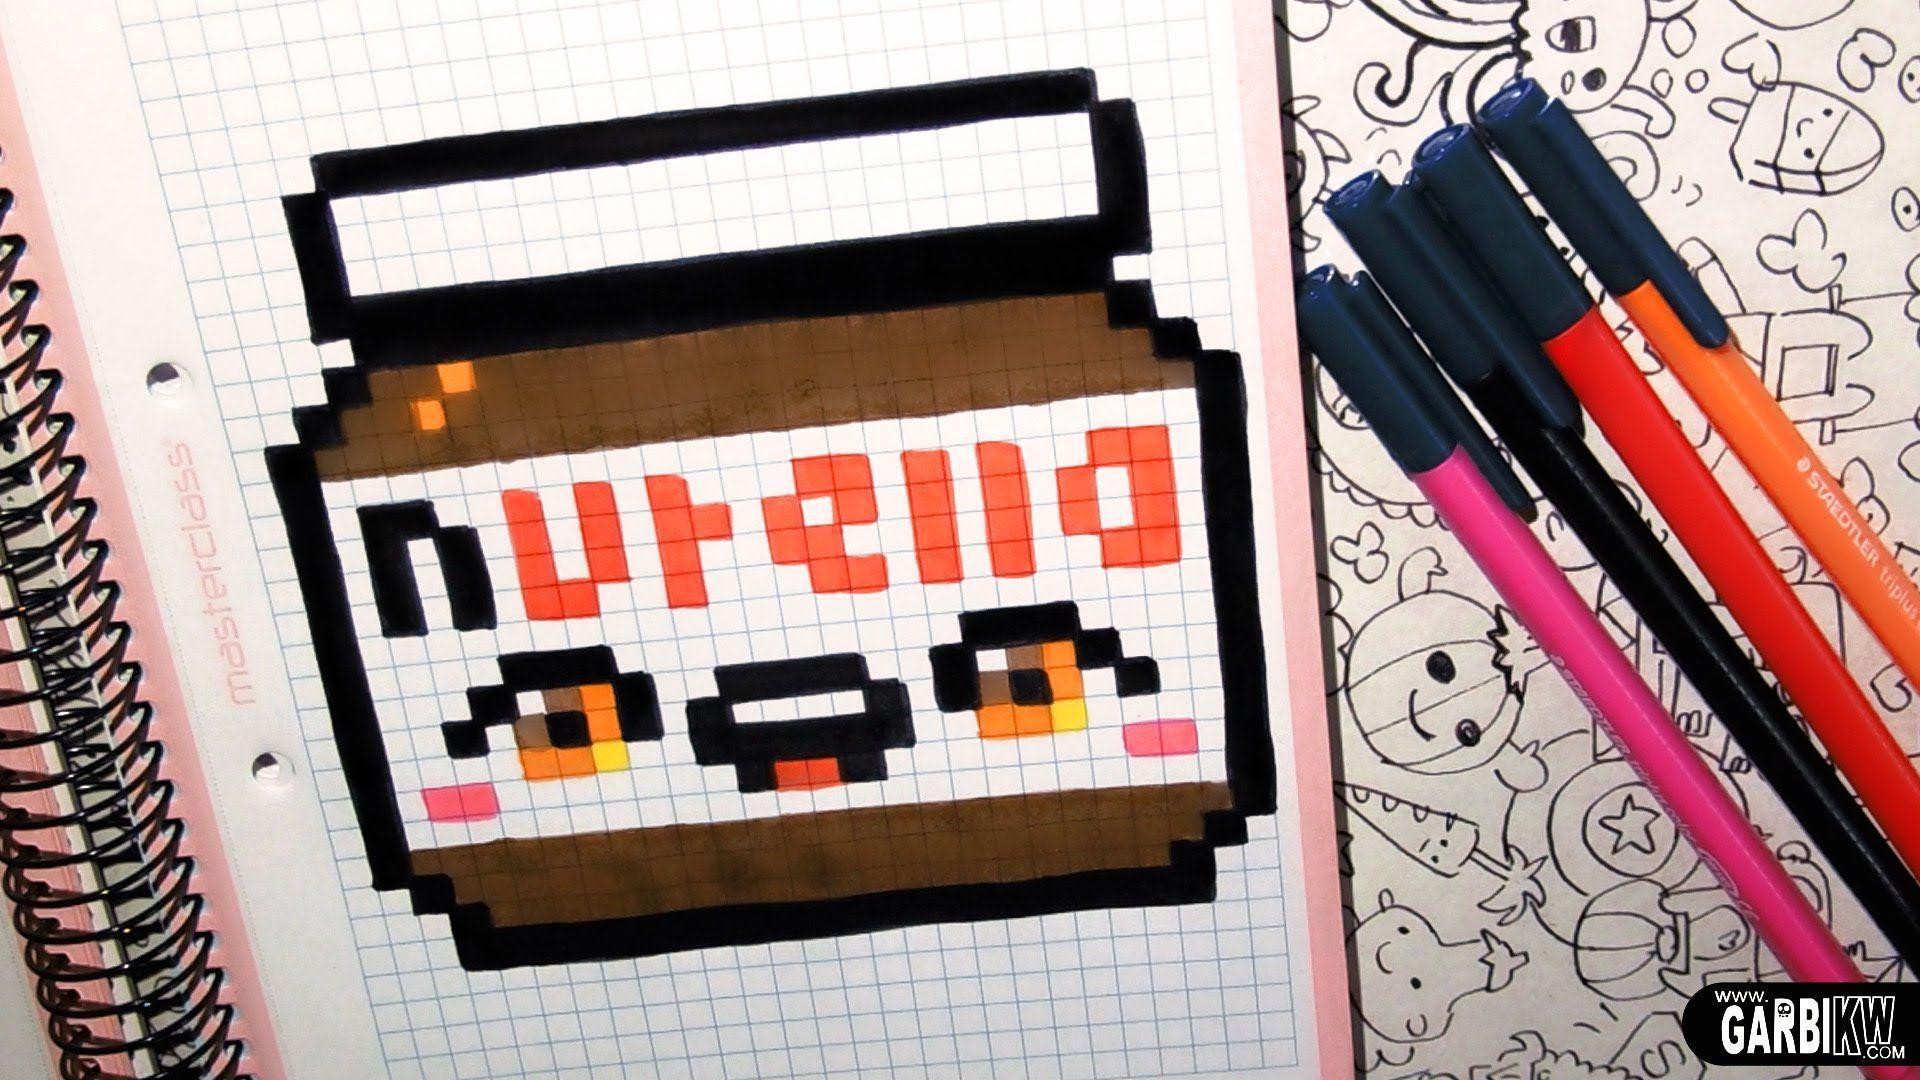 pixel art bilder zum nachmalen tiere  plakat bilder zum